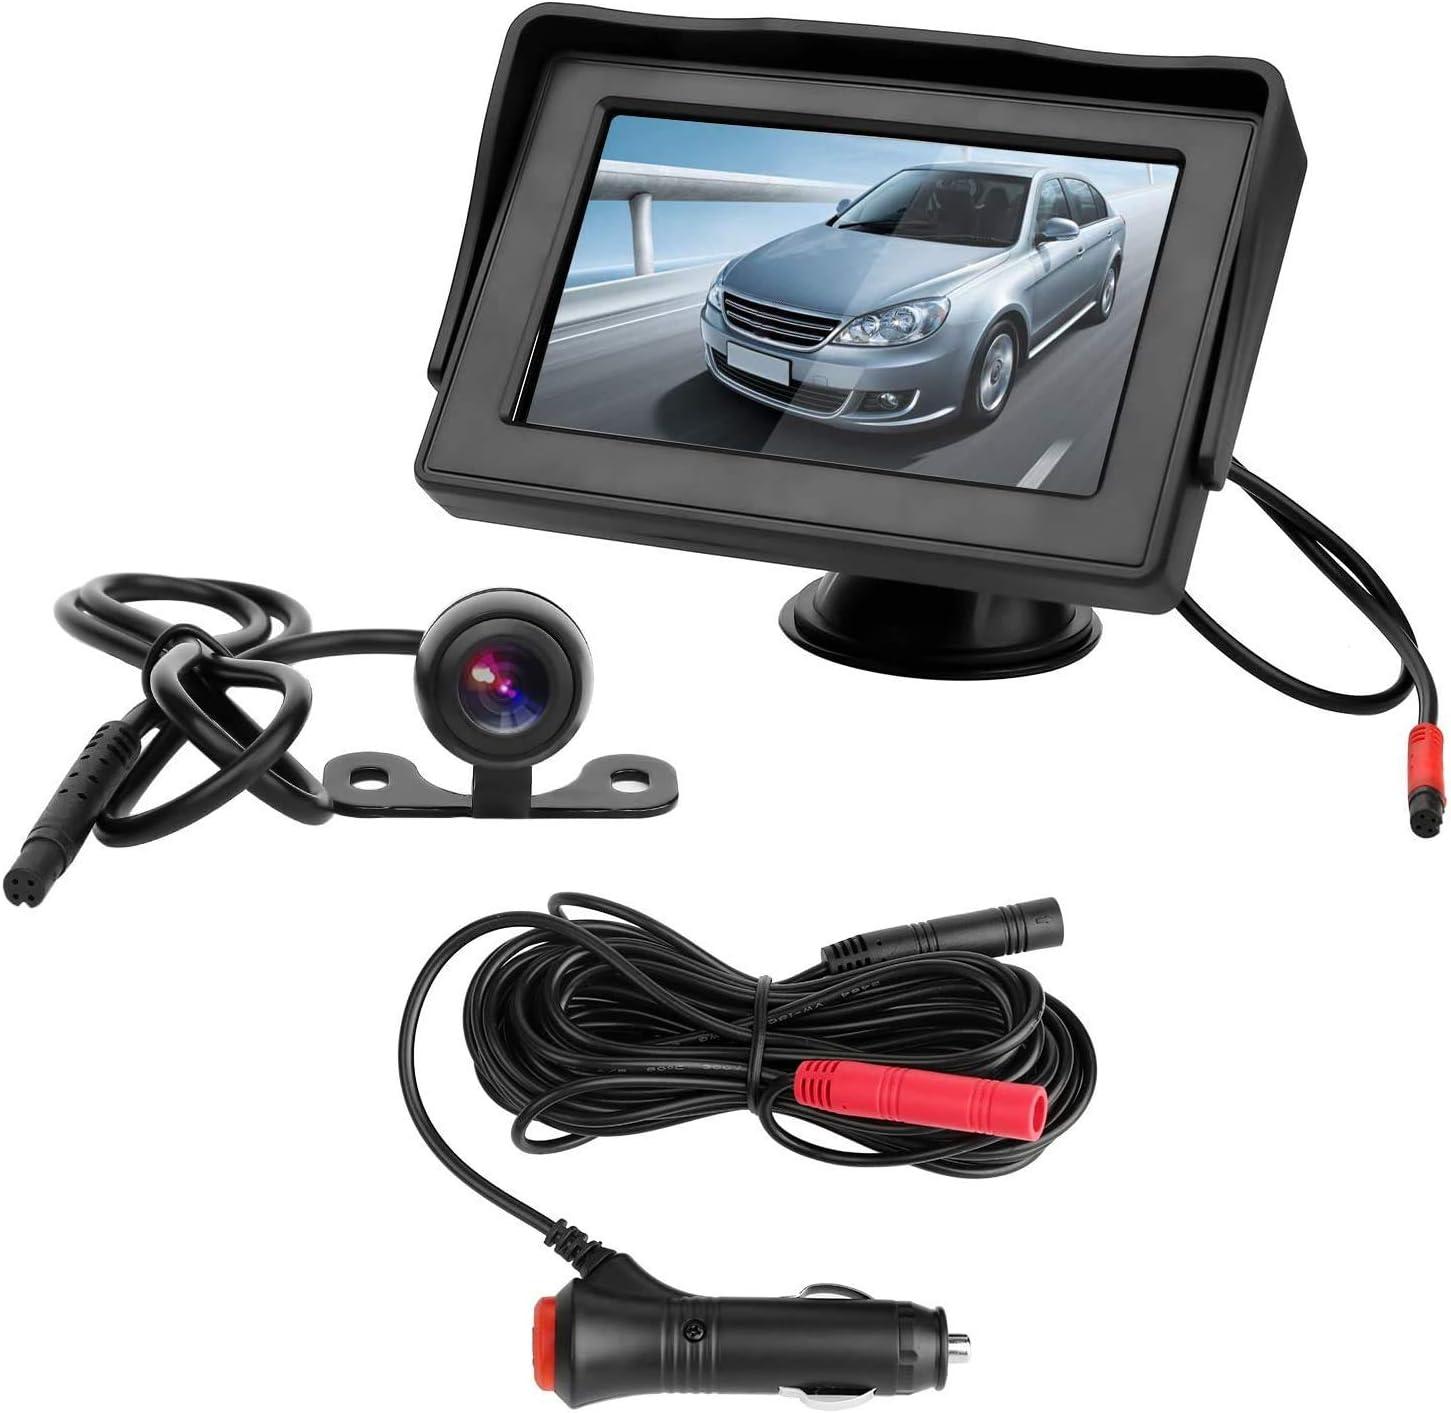 IP68 /Étanche Vision Nocturne Cam/éra de Recul OiLiehu Cam/éra de Recul sans Fil Kit Syst/ème 7 Moniteur pour RV Remorques de Camions